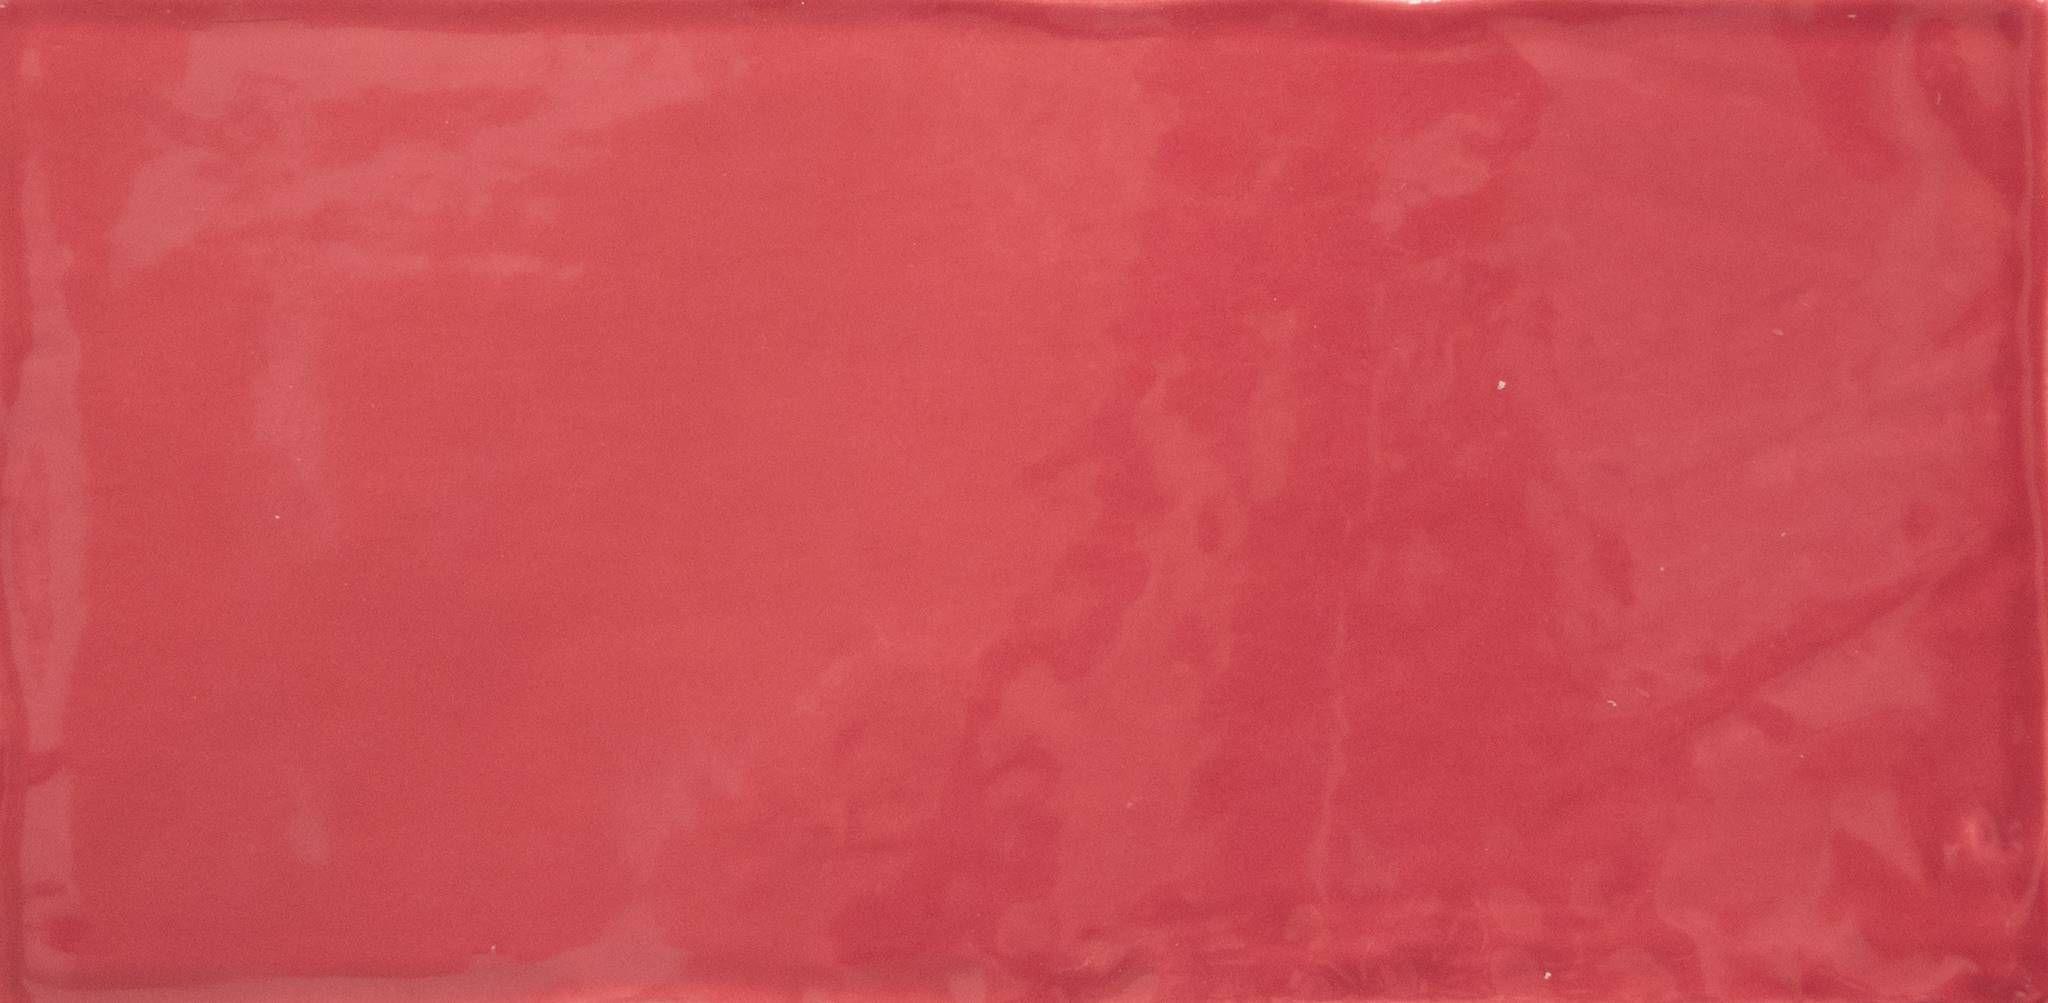 Купить Керамическая плитка Cifre Atmosphere Ruby настенная 12, 5x25, Cifre Ceramica, Испания